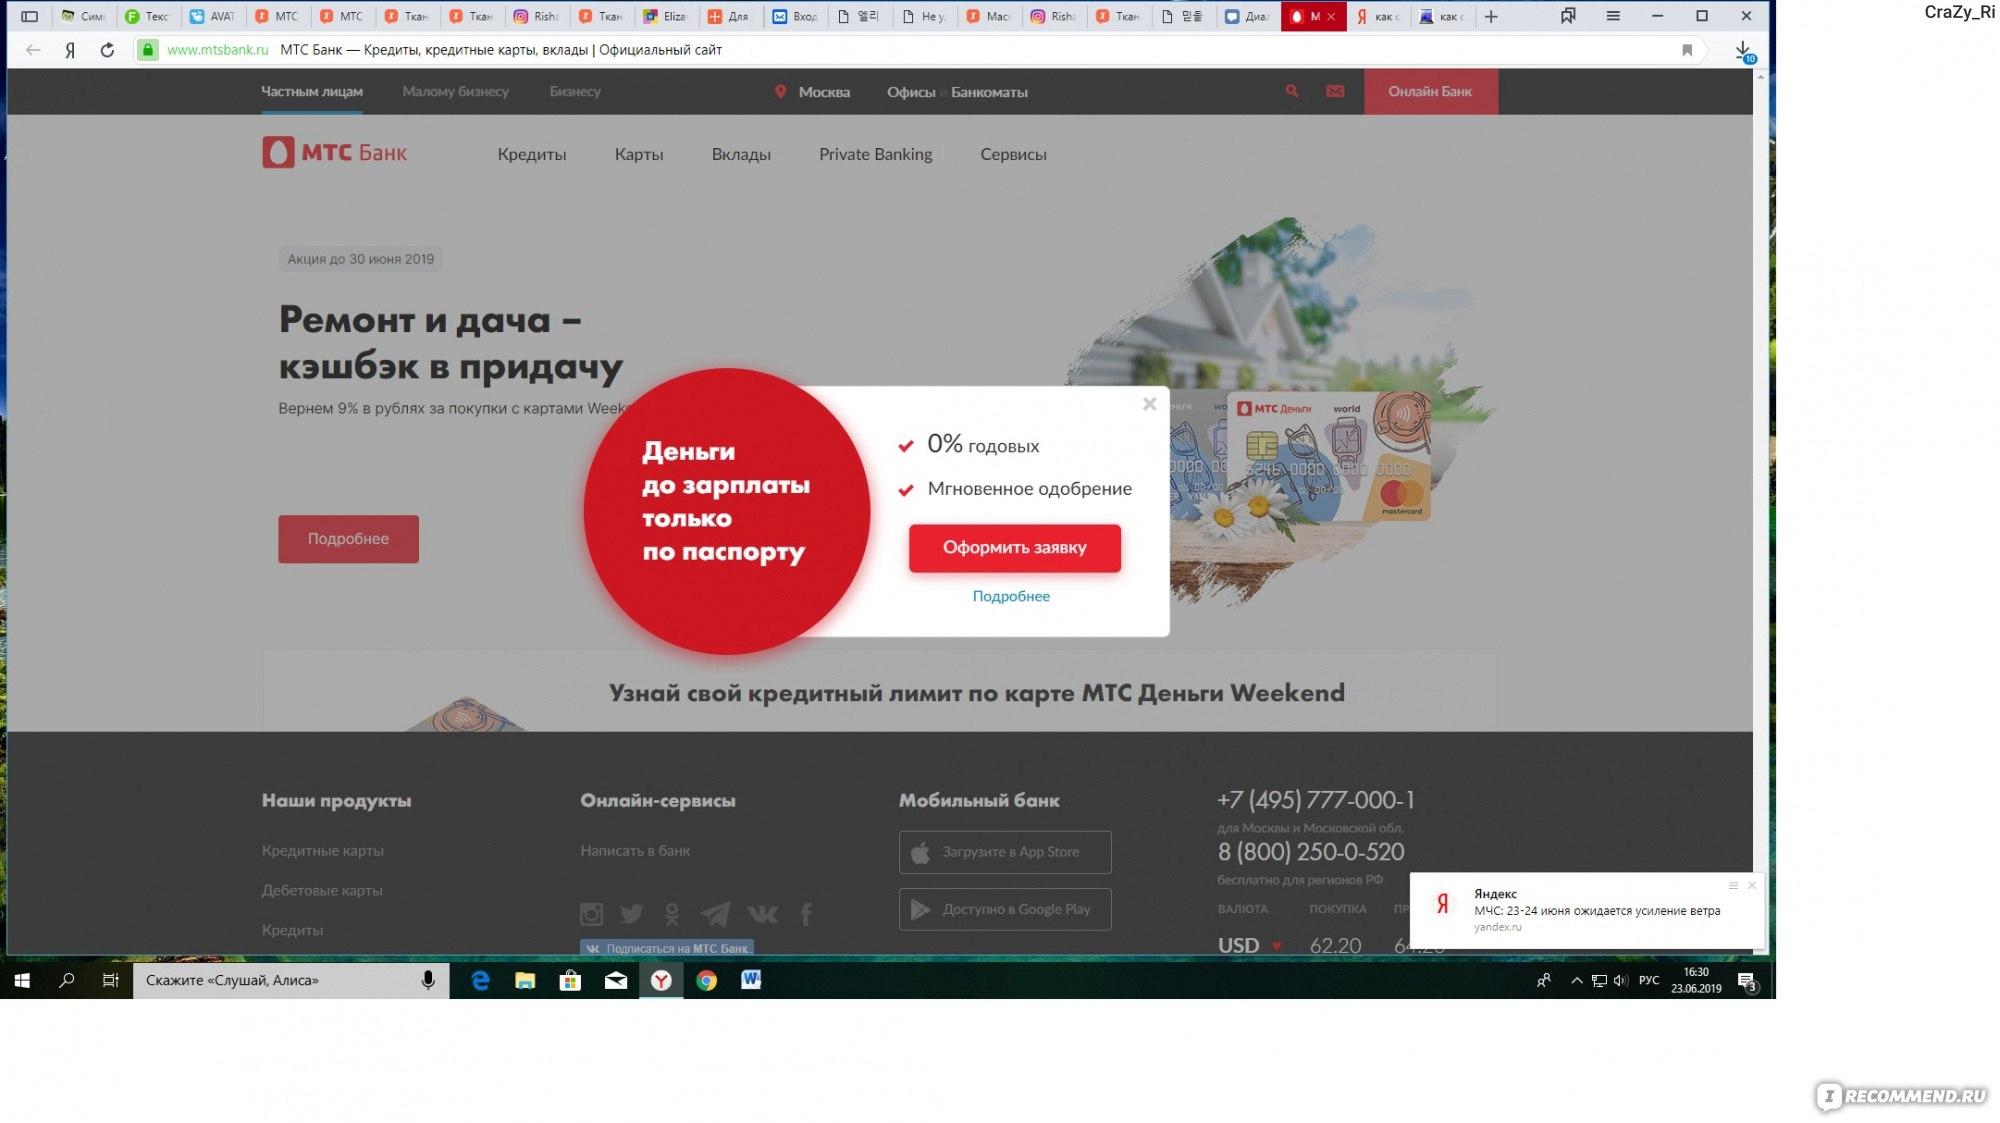 мтс банк онлайн ru